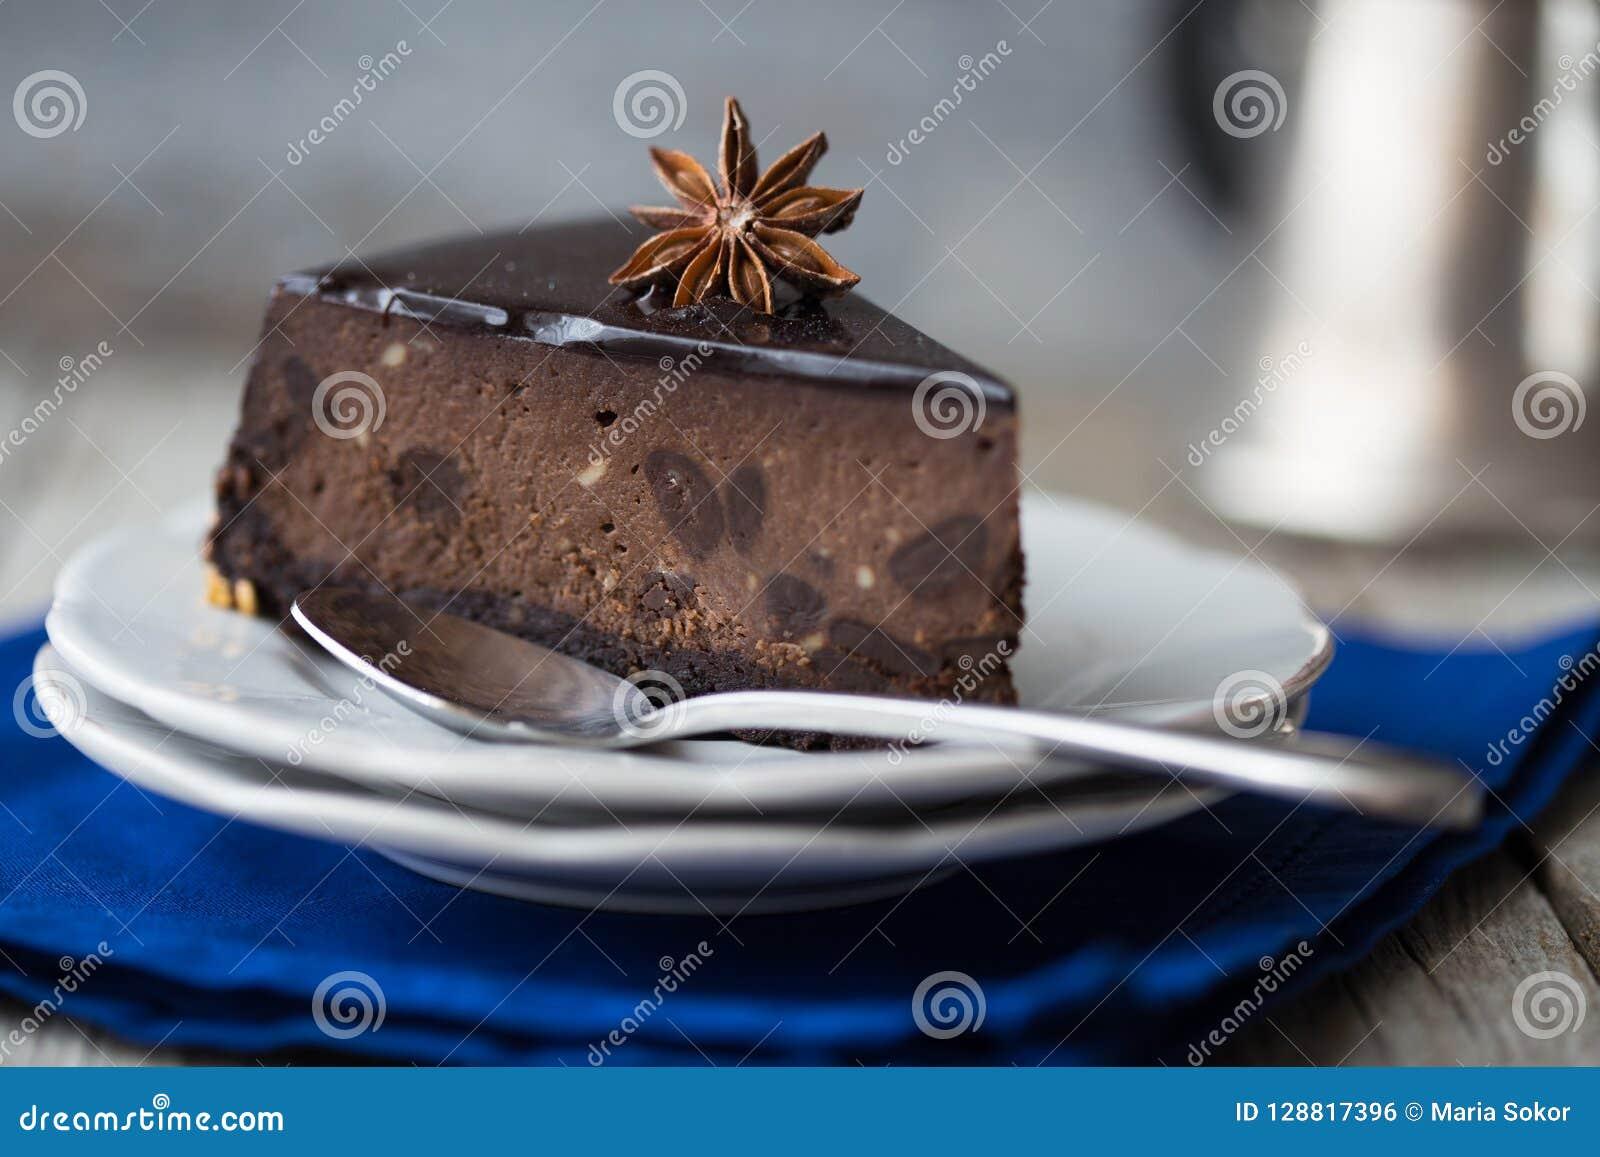 Pastel de queso de la Navidad con mascarpone Receta tradicional de la torta del invierno del pastel de queso festivo de la Navida